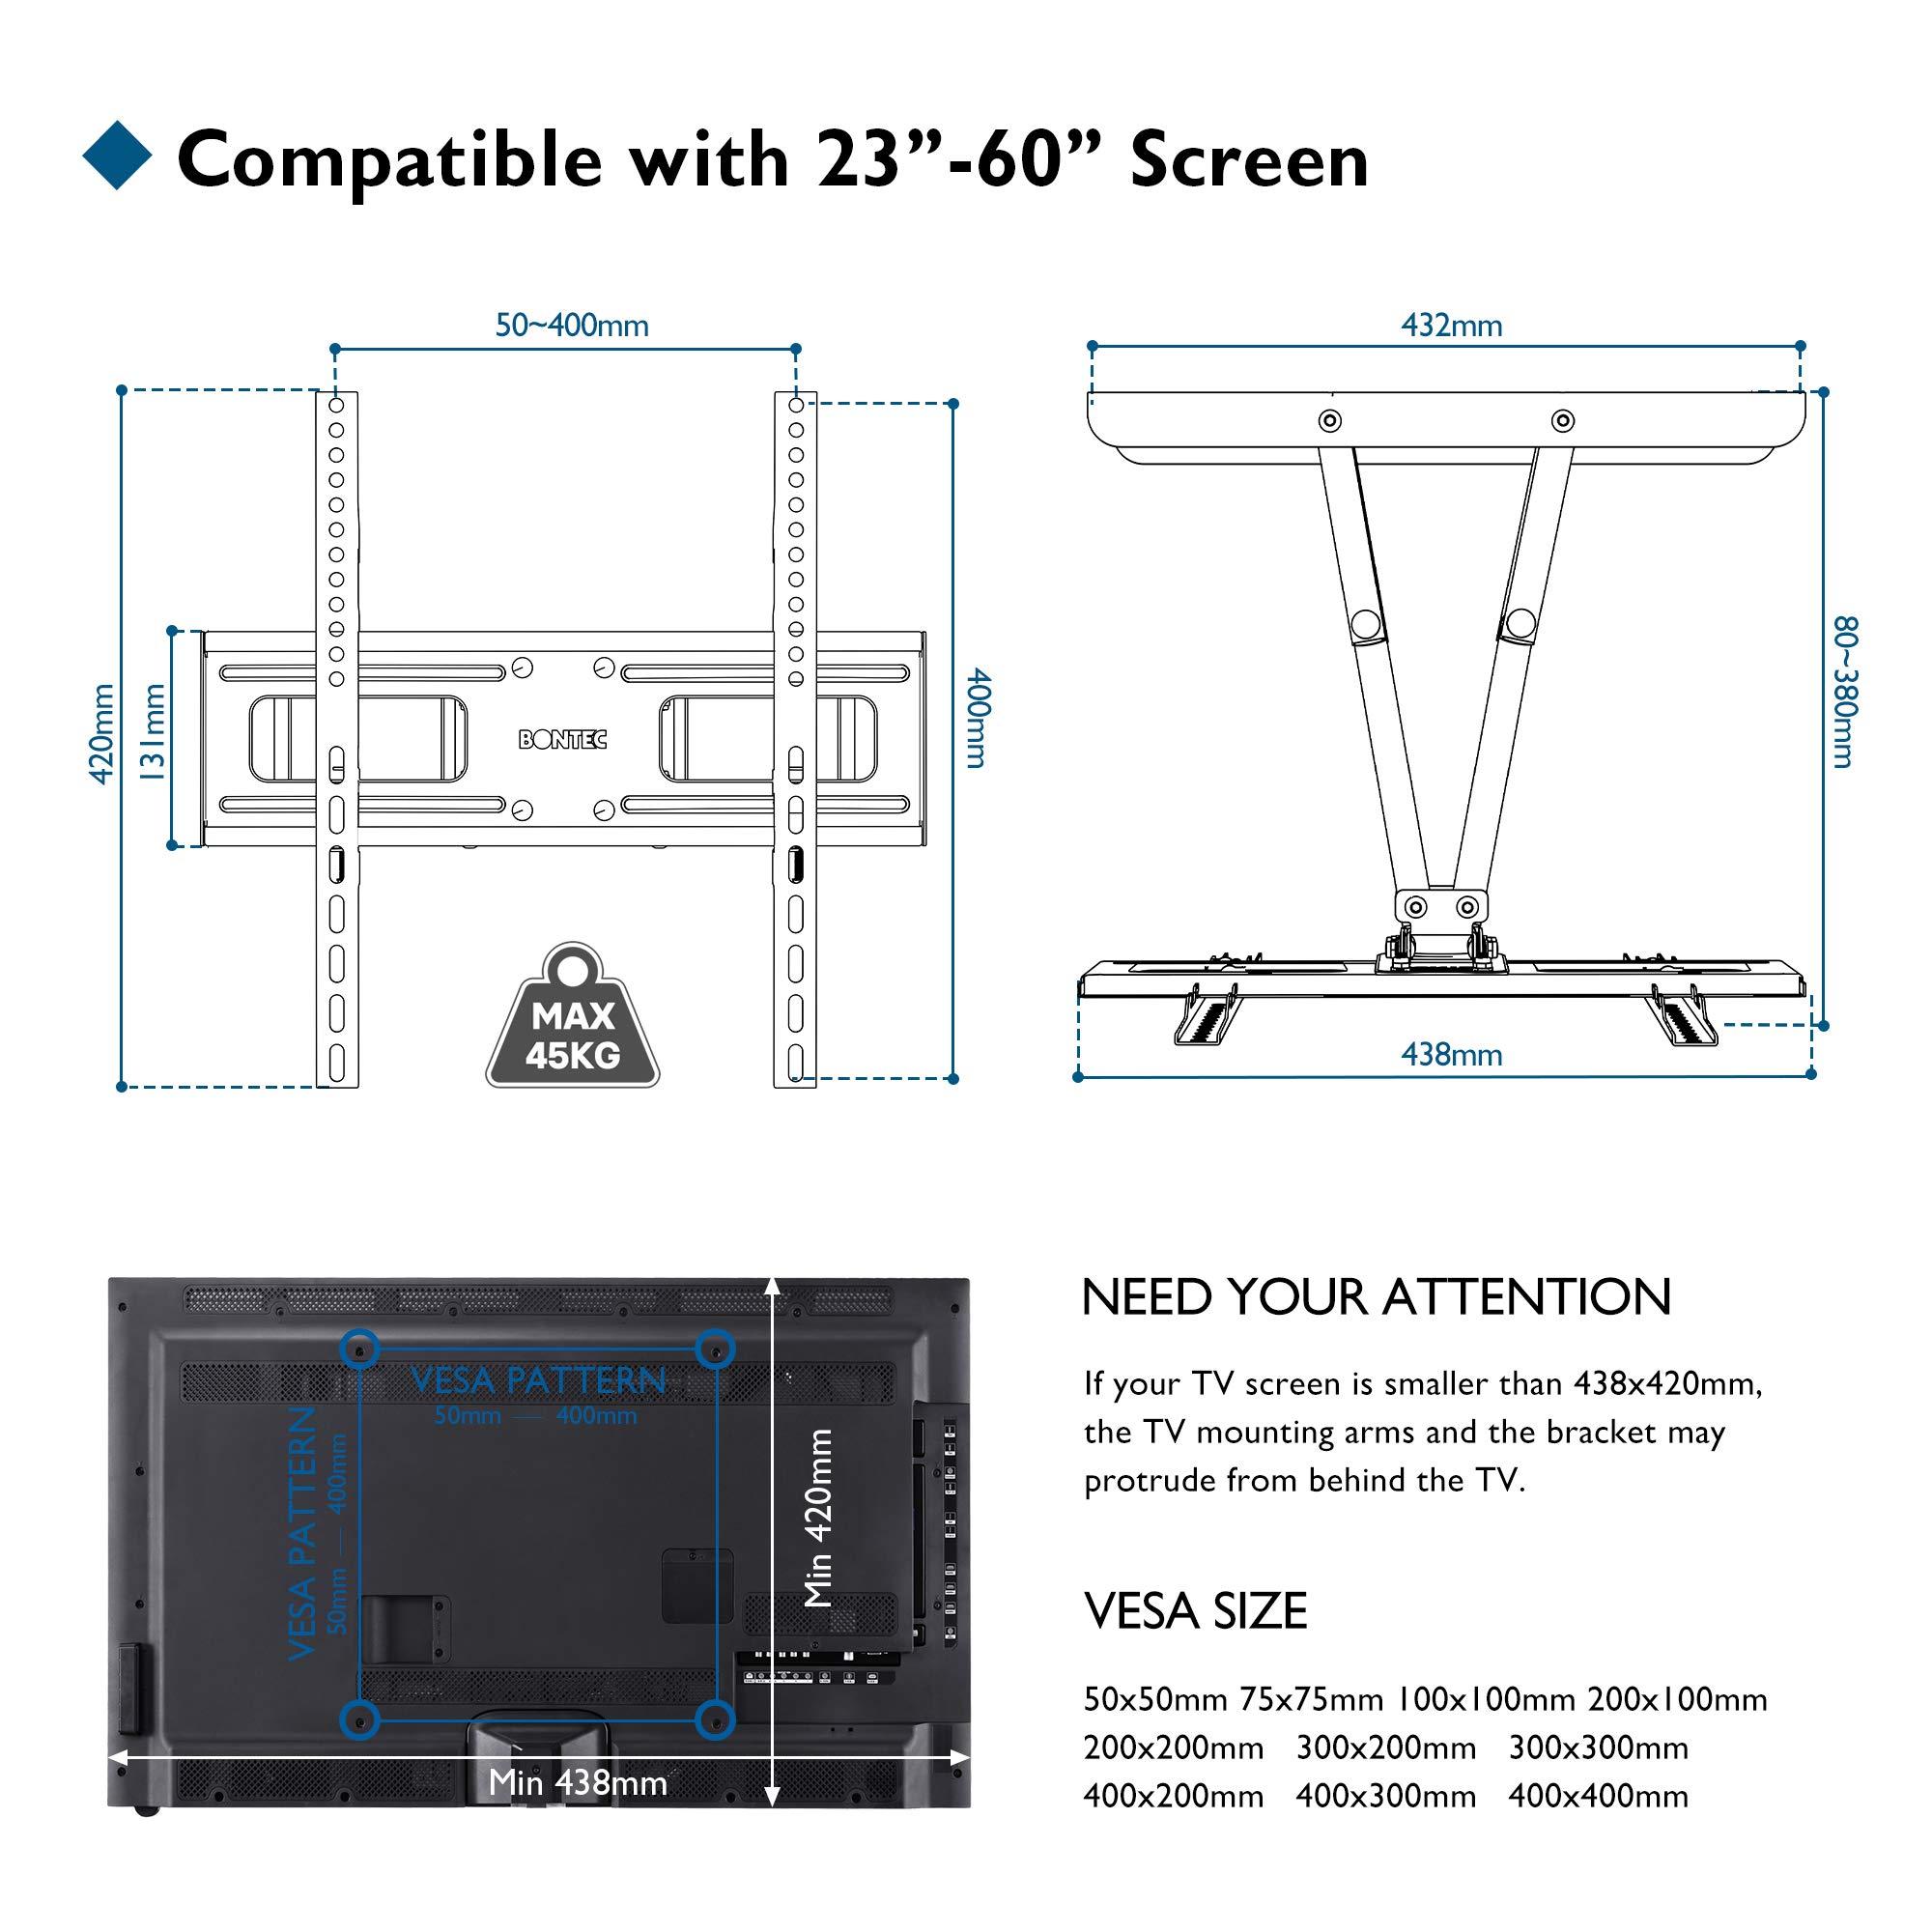 Bontec Soporte de Pared para TVs Planos & curvos de 23-60 Pulgadas, se extiende la Inclinación Giratoria, Doble Brazo y Movimiento Completo, Incluye Cable HDMI, Nivel topográfico, 5 Correas de Velcro: Amazon.es: